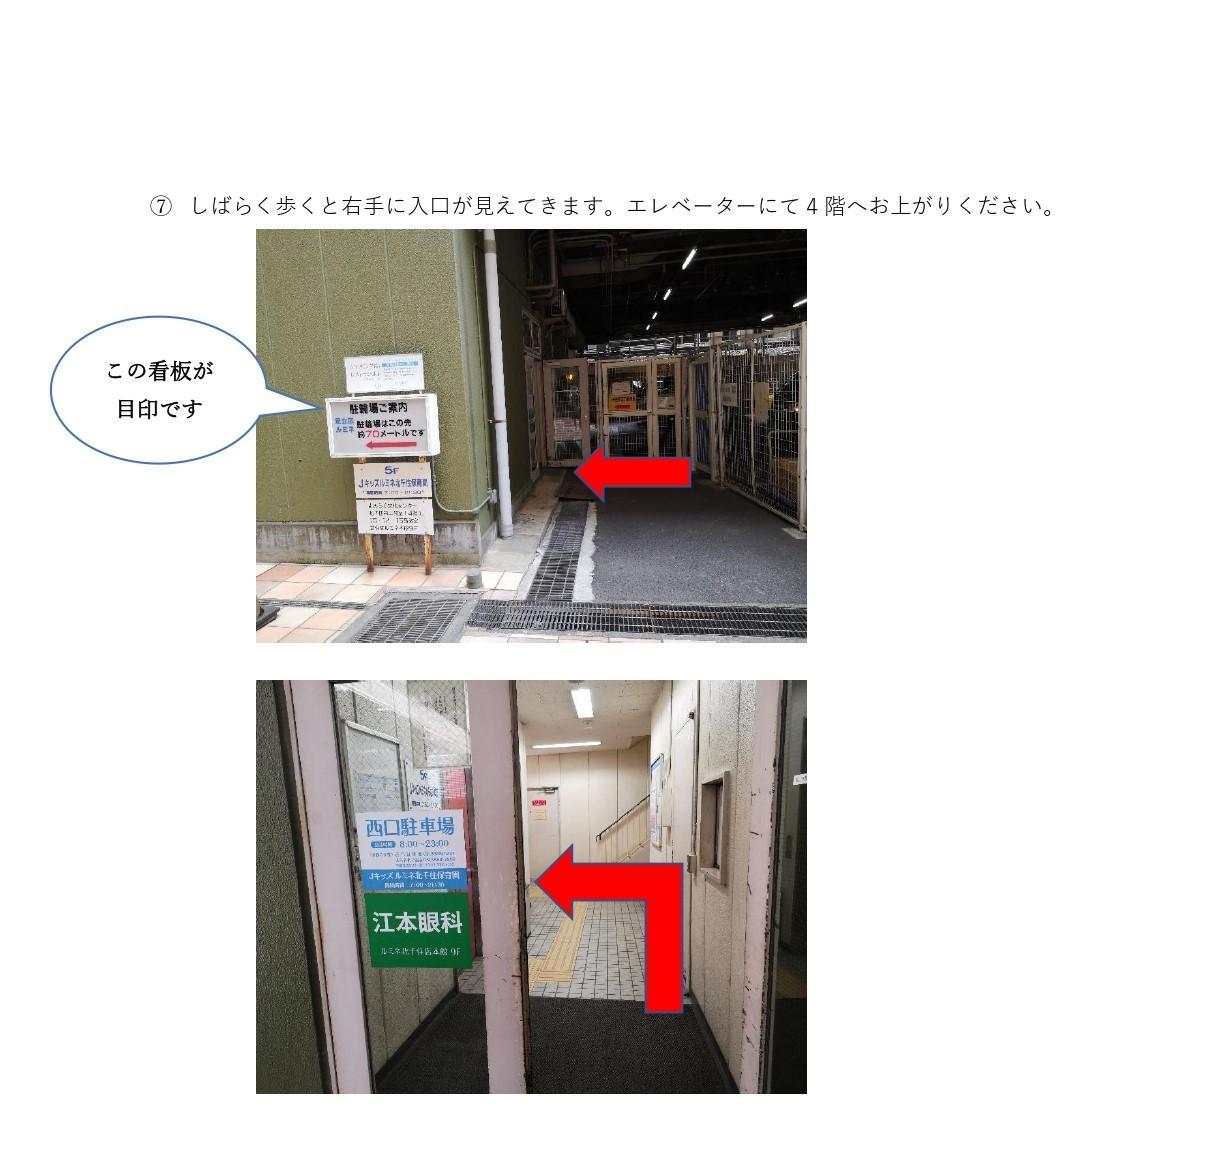 譯亥・-螟画鋤貂医∩_page-0005.jpg